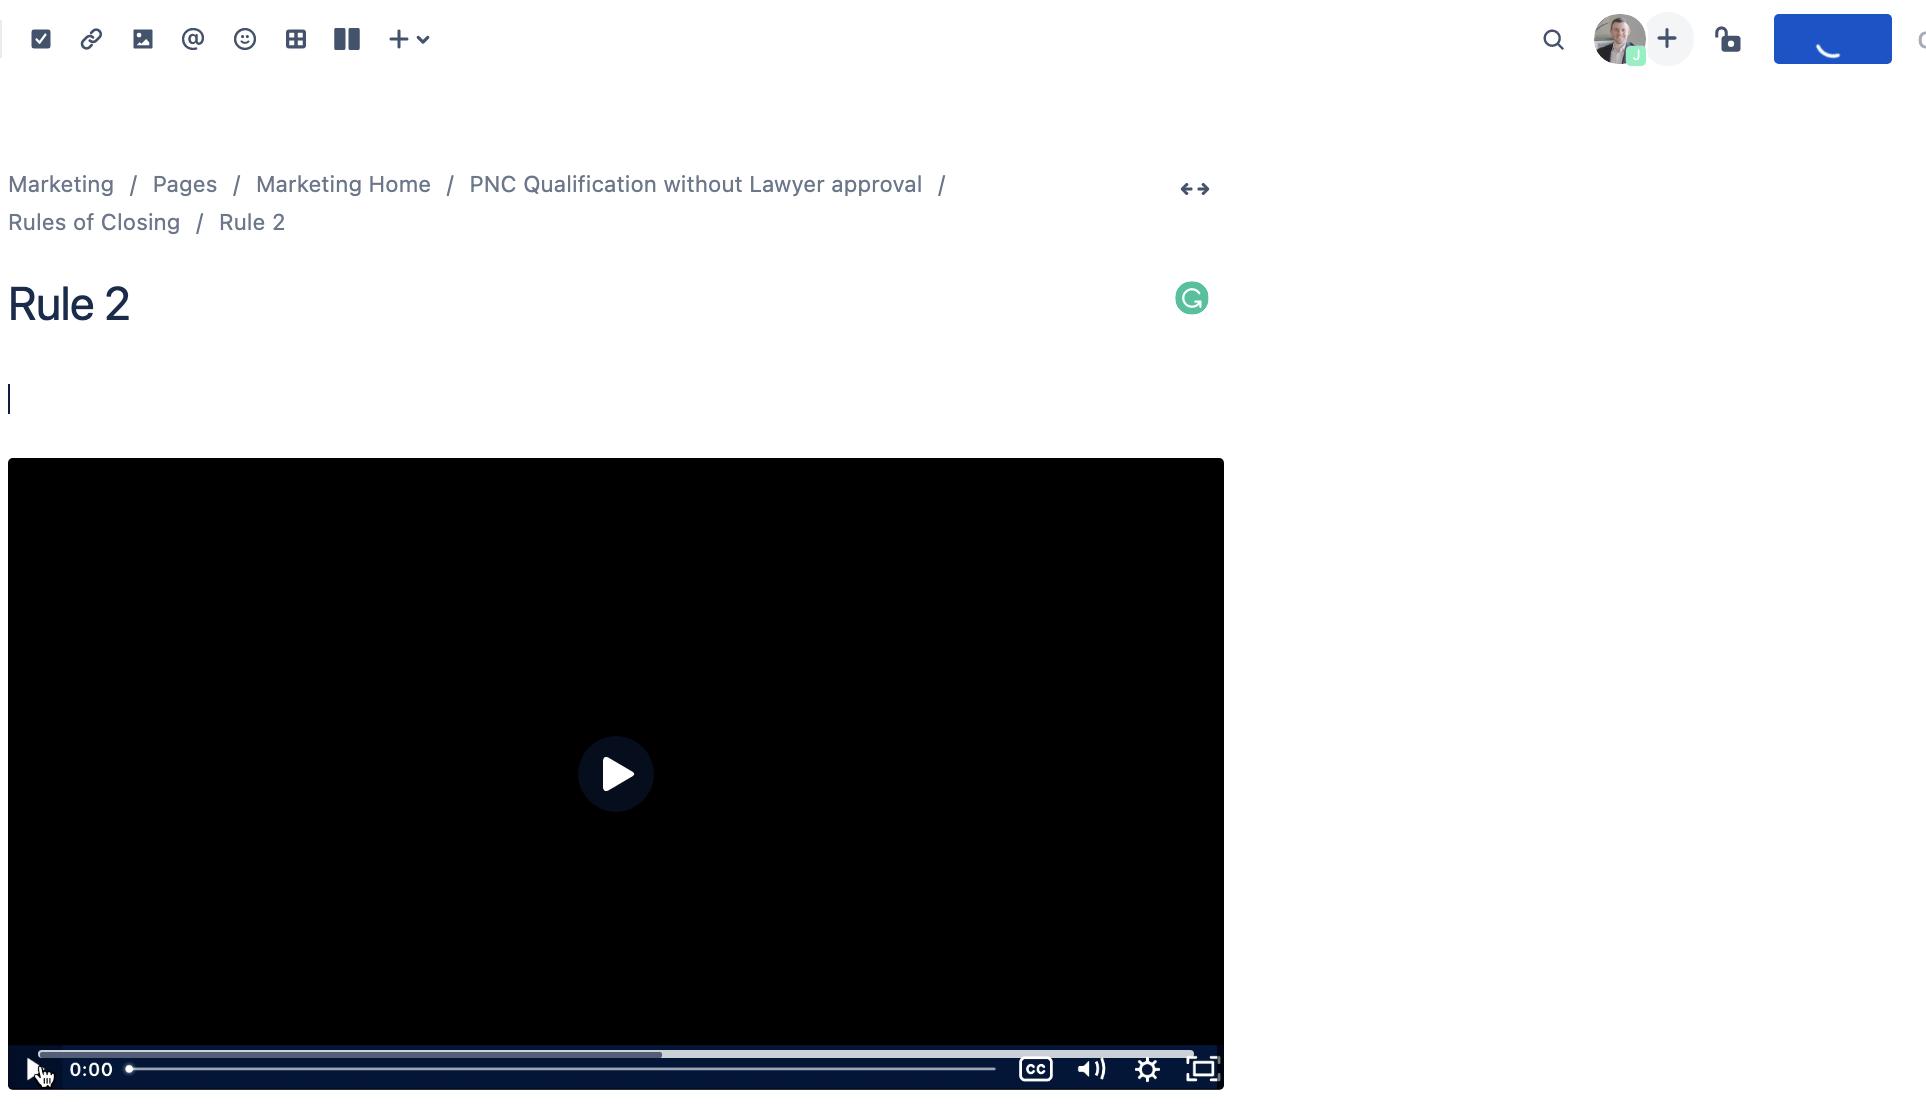 Screen Shot 2021-04-11 at 12.26.42 PM.png